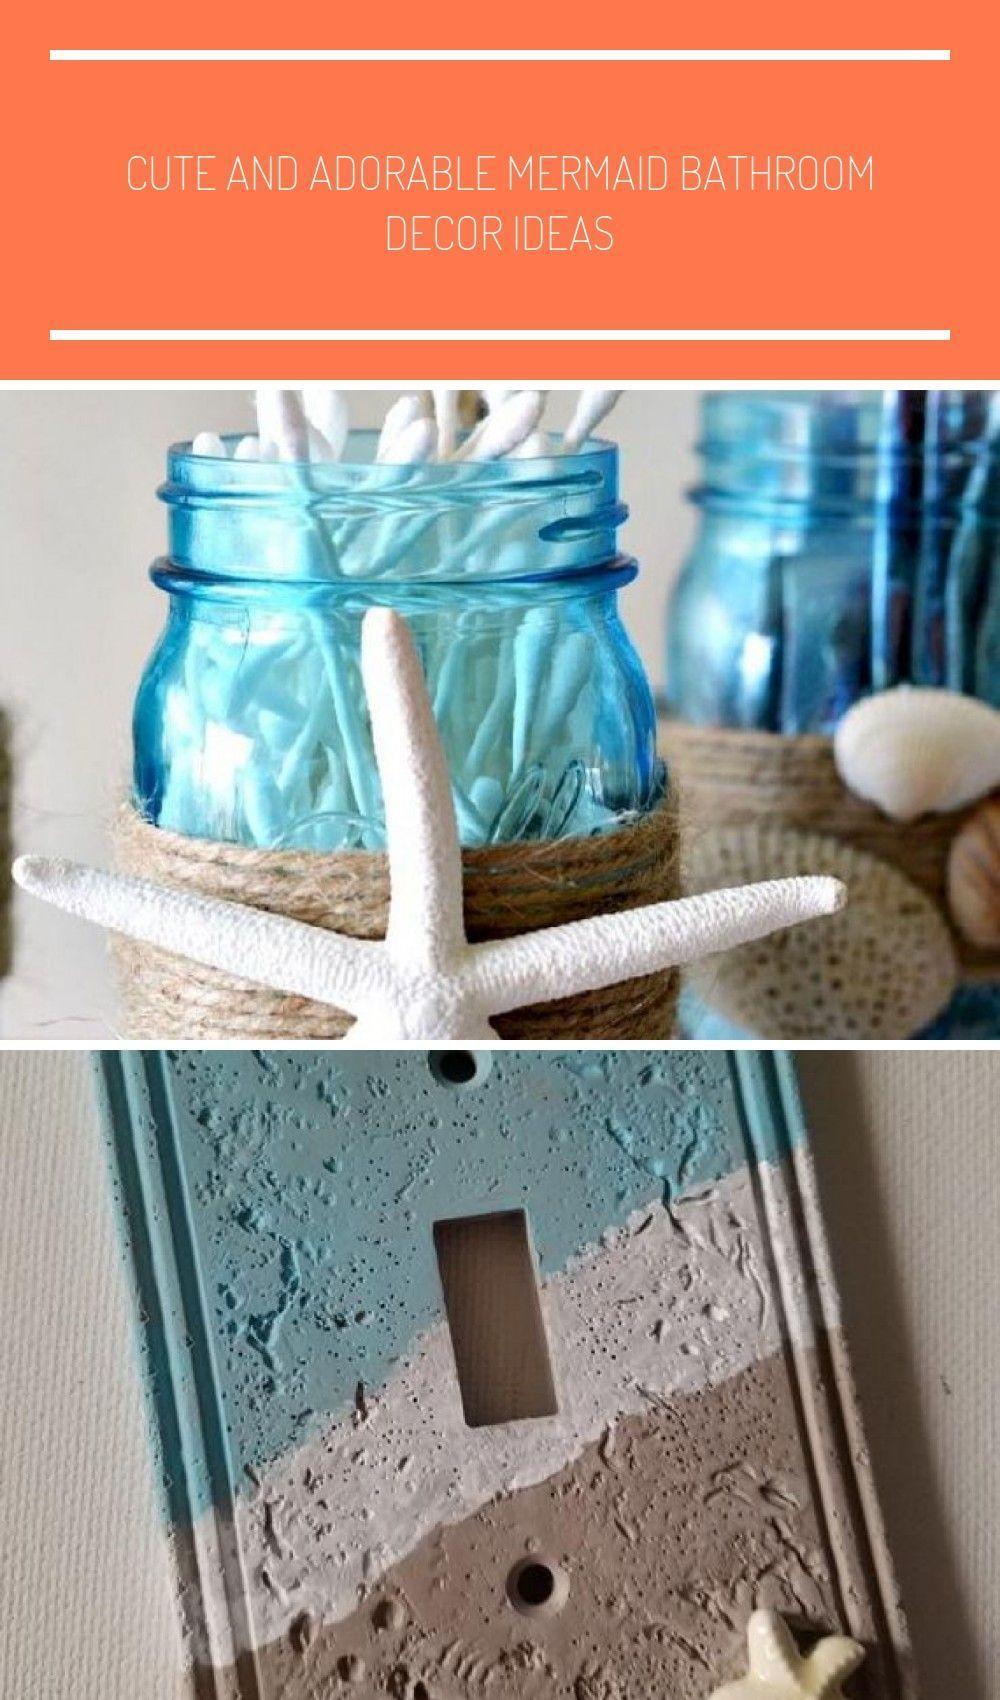 Cute And Adorable Mermaid Bathroom Decor Ideas Bathroom Decor